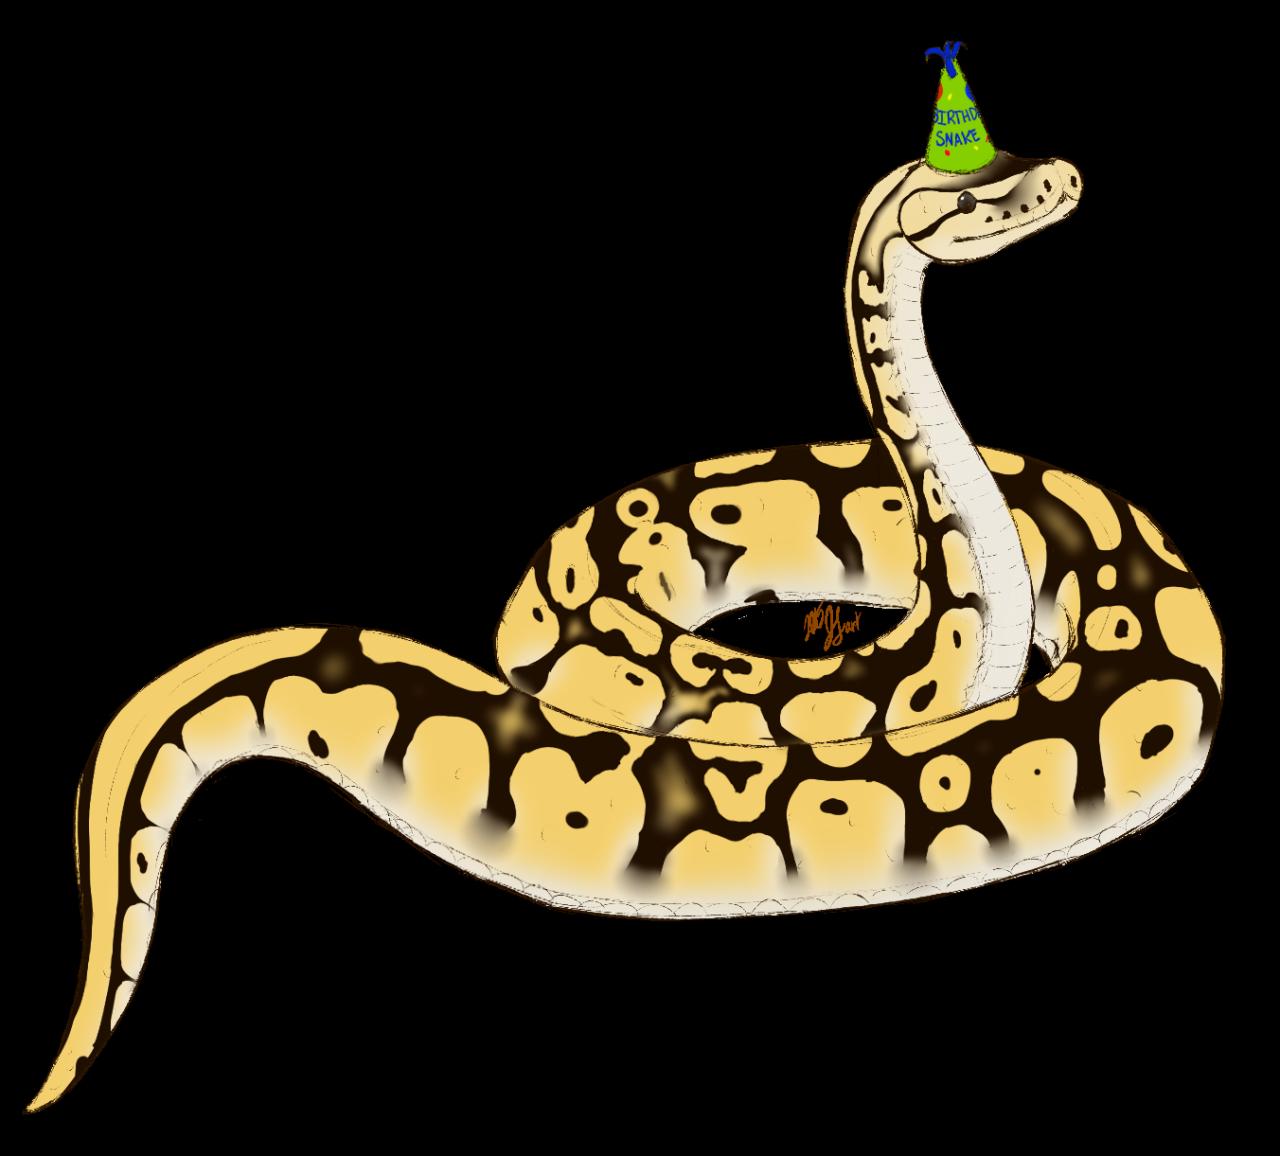 Clipart snake family. Mangotheleo wilysnakepascal here is